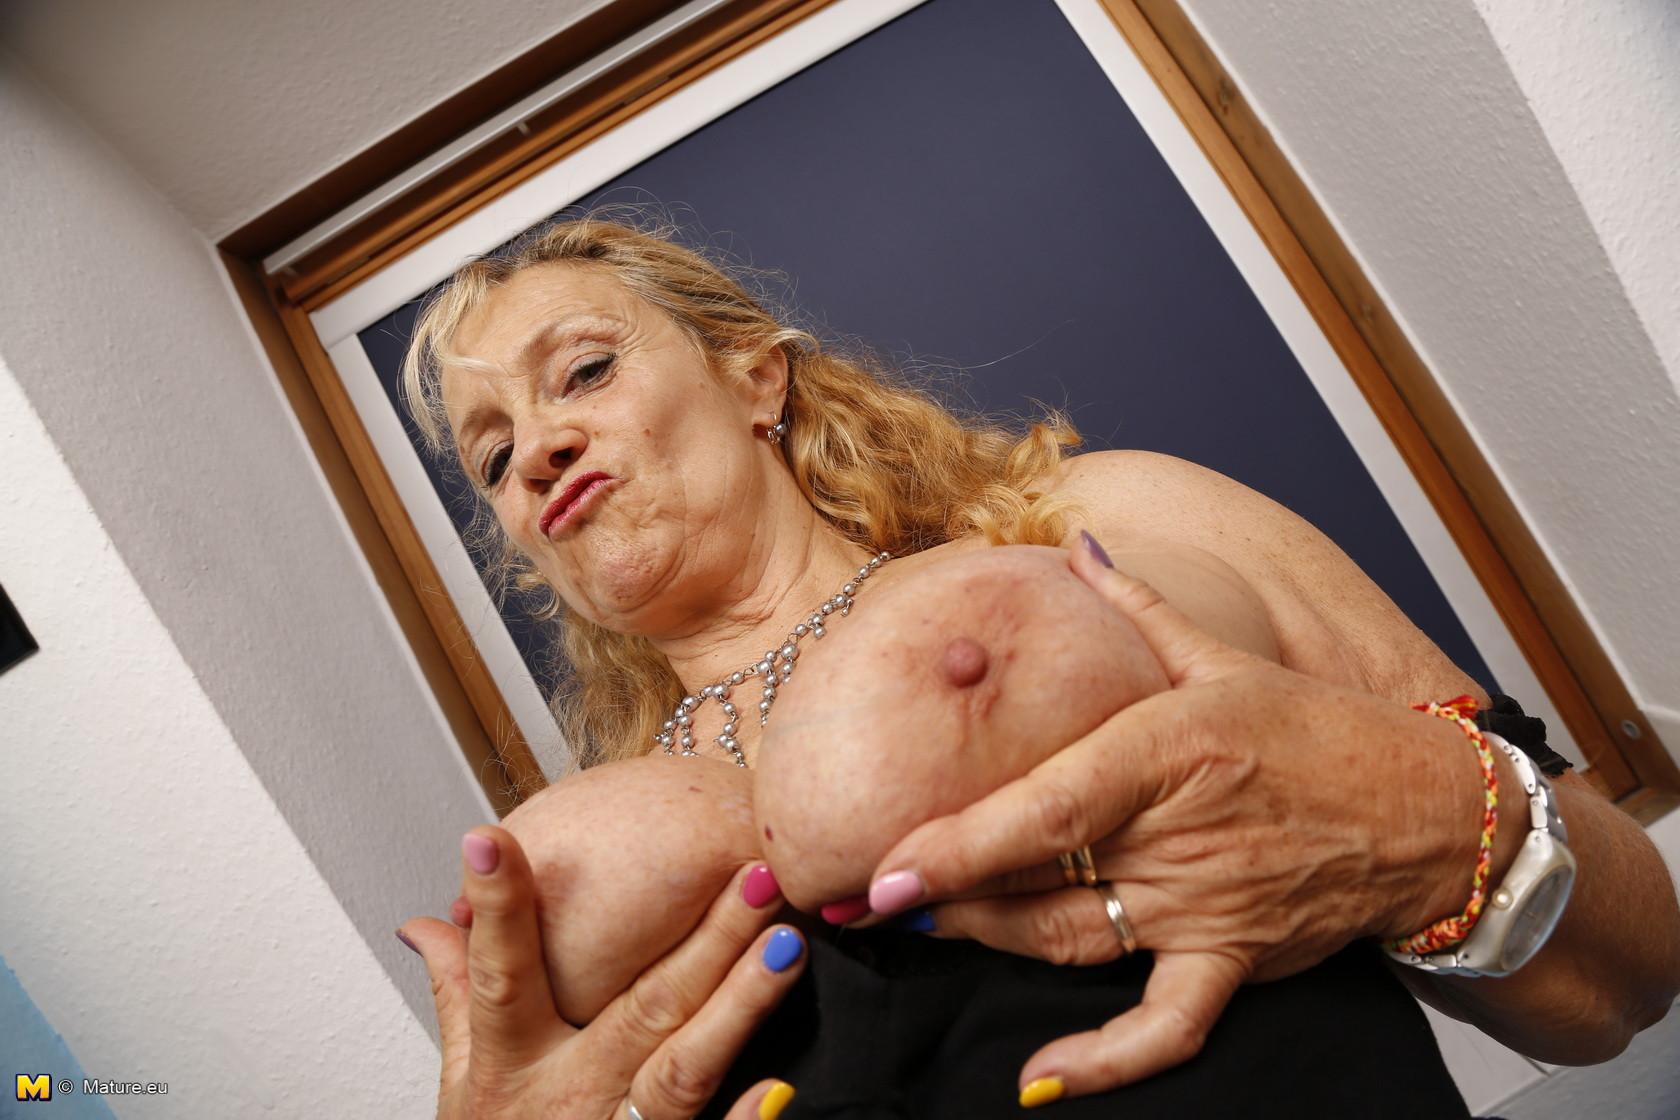 Зрелая бабка в коричневых чулках хвастается своей висящей грудью